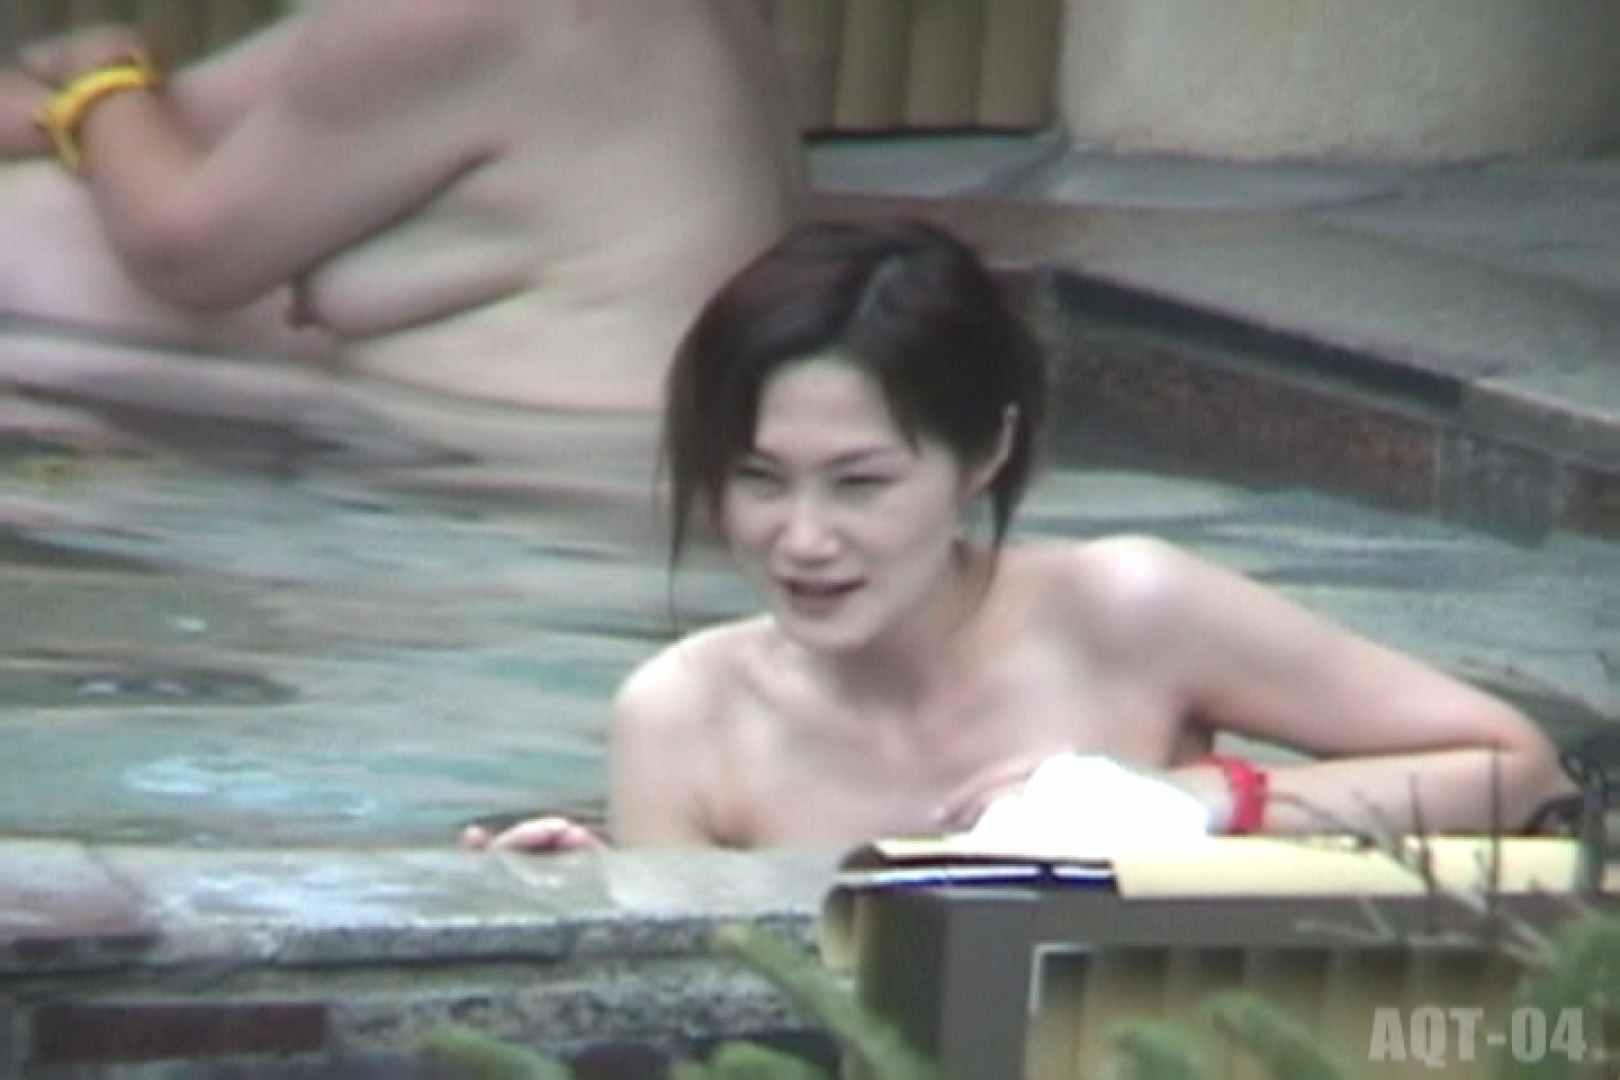 Aquaな露天風呂Vol.739 美しいOLの裸体 隠し撮りオマンコ動画紹介 88pic 77